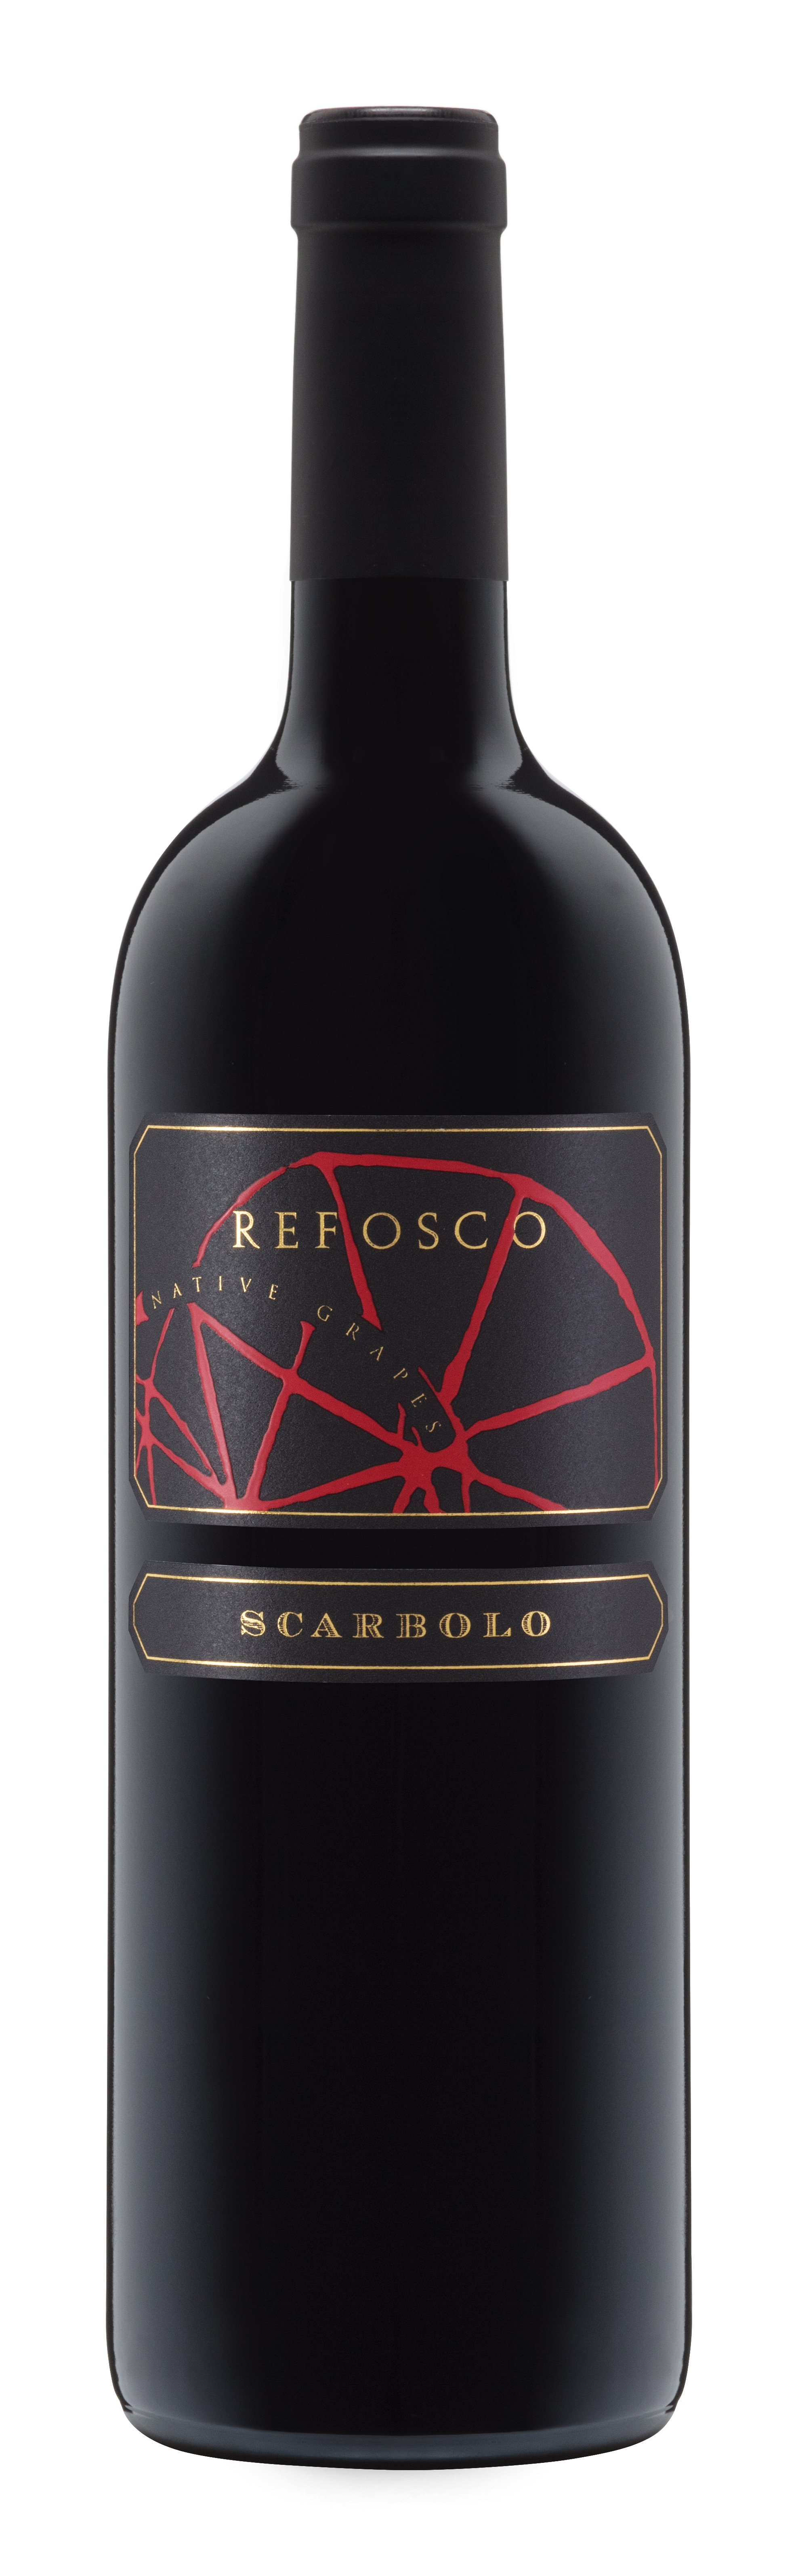 Refosco (1).jpg